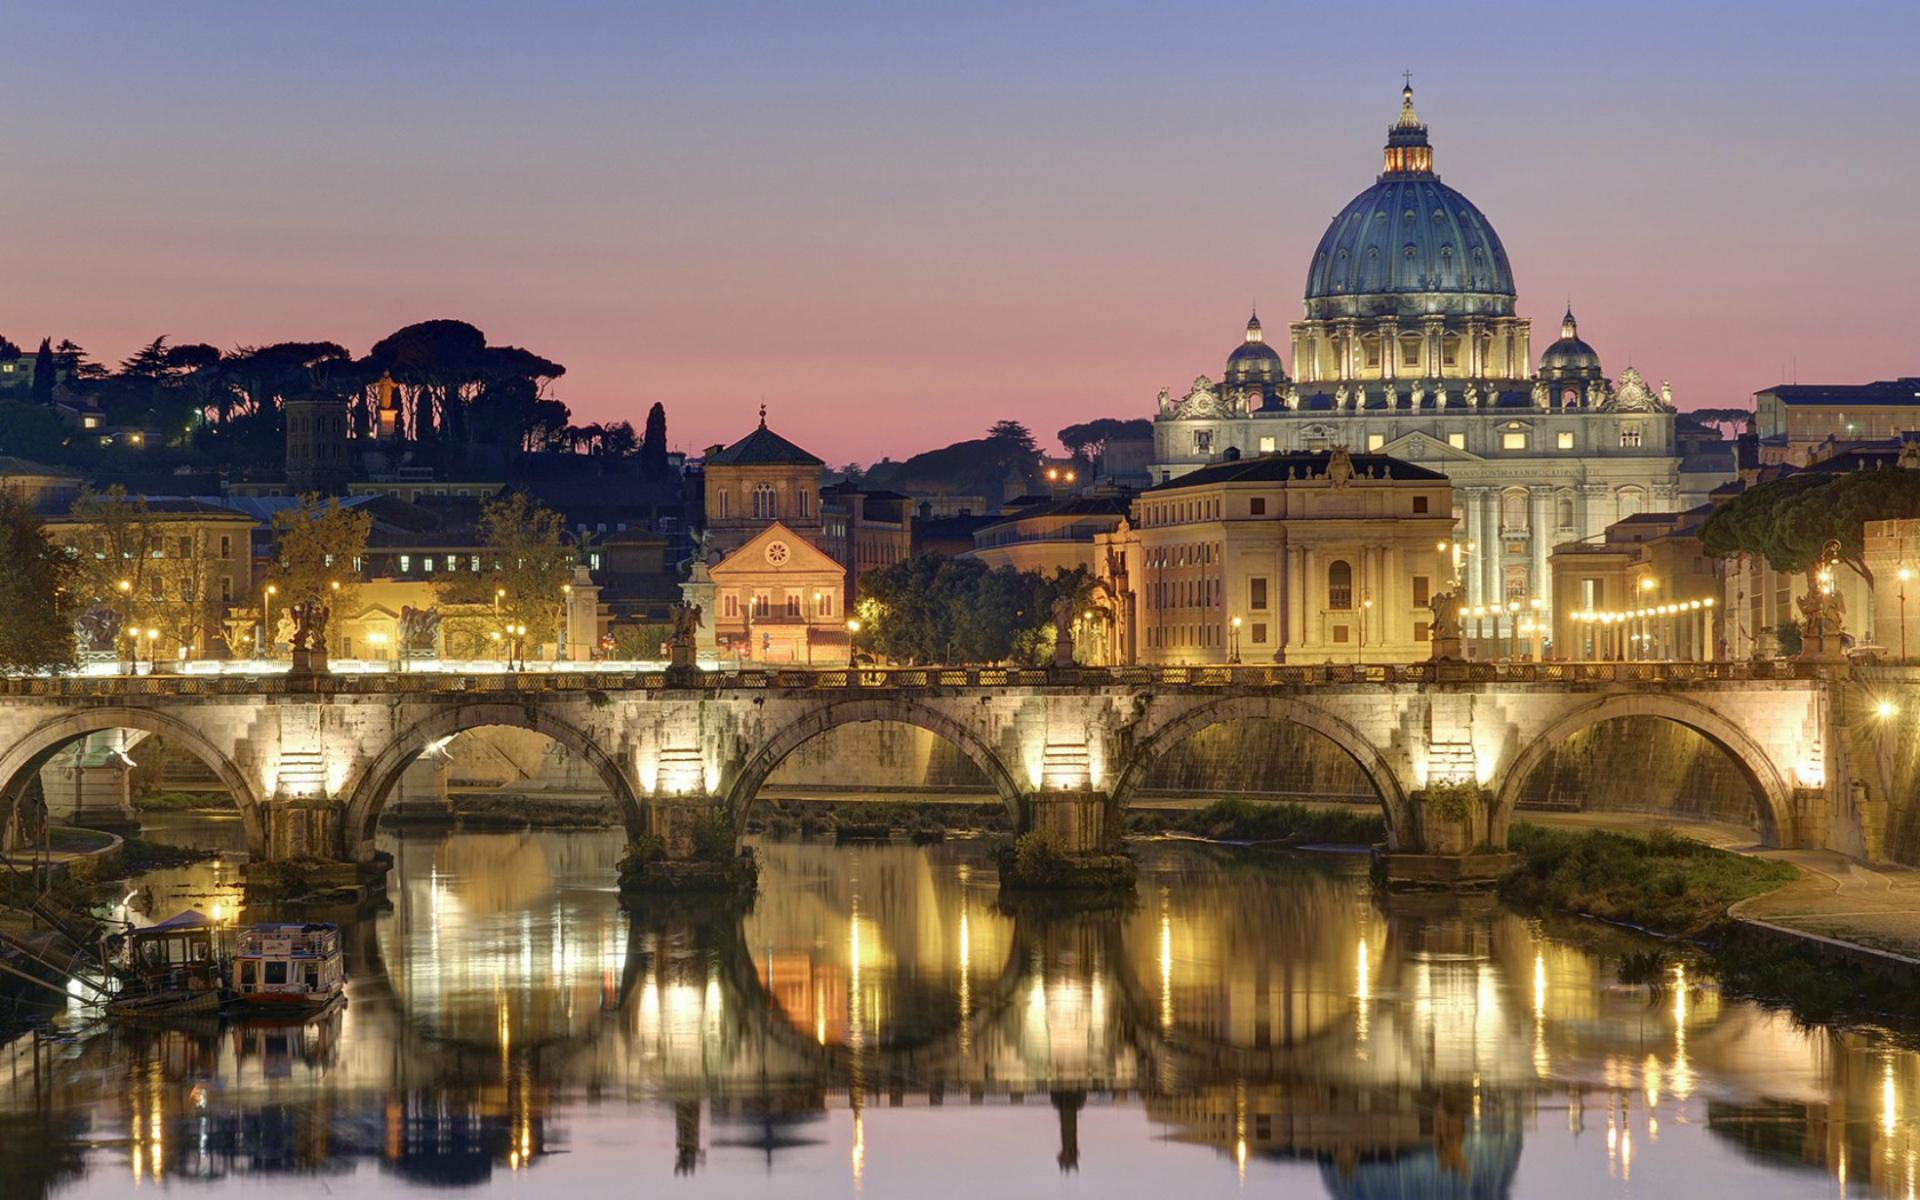 страны архитектура Италия Рим country architecture Italy Rome  № 285938 загрузить